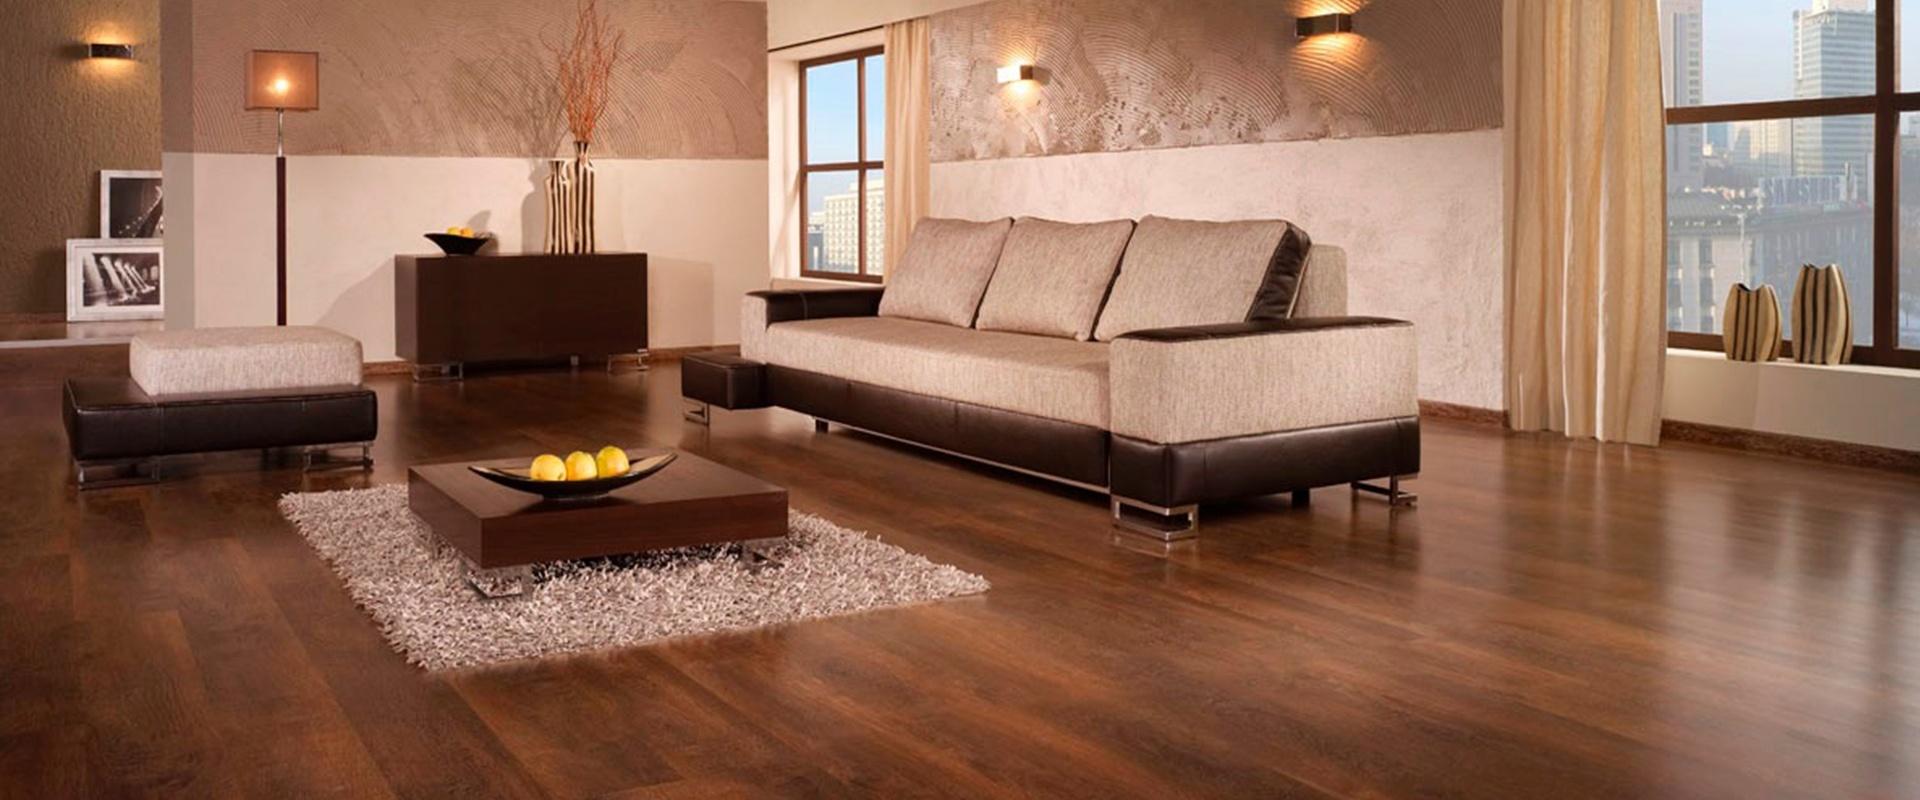 Habita studio pisos de madera laminados y m s - Laminados de madera ...